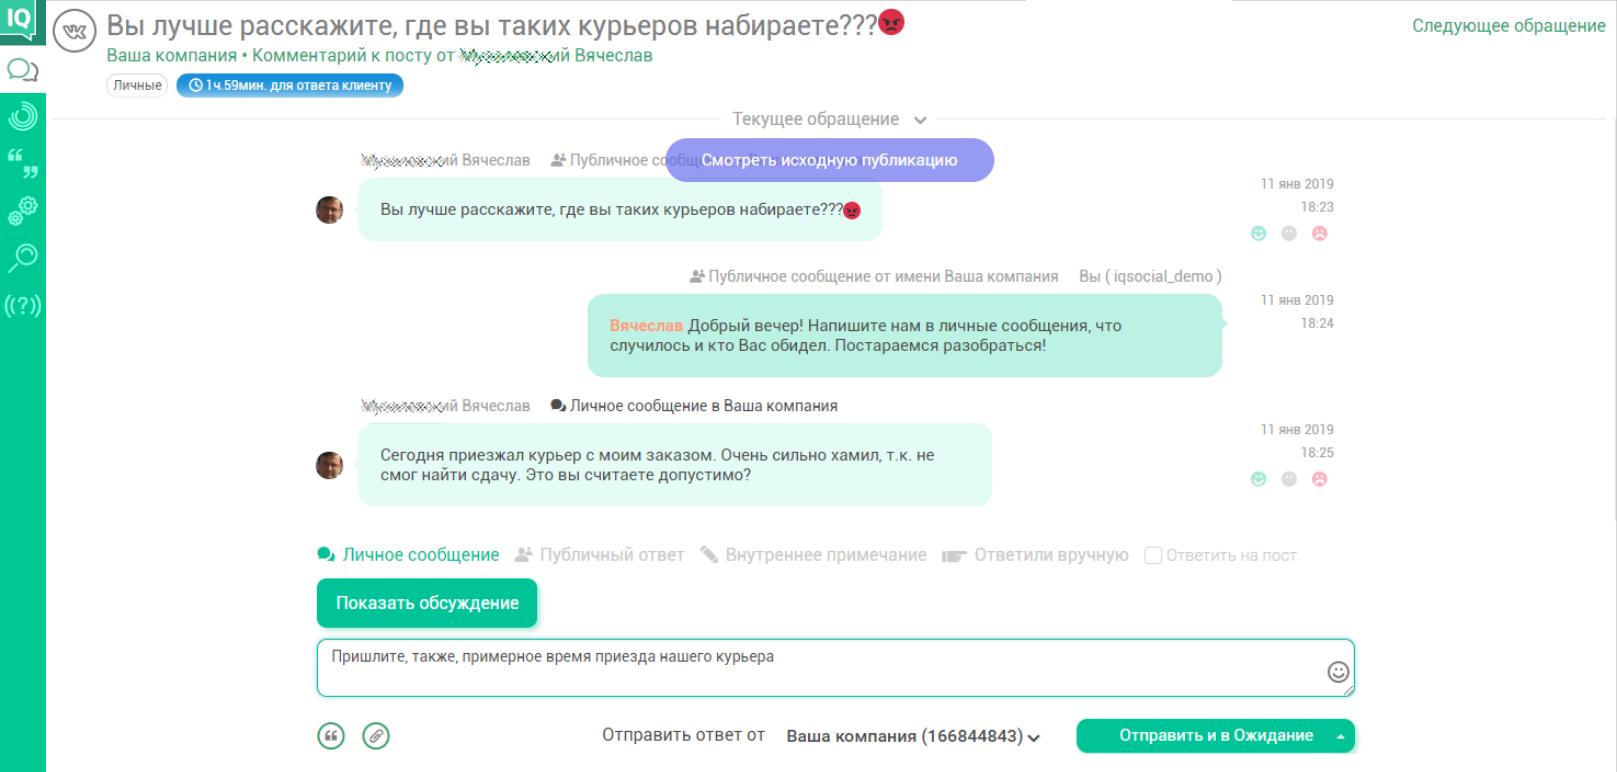 Общение с клиентами в соцмедиа через систему мониторинга и работы с социальными сетями IQSocial